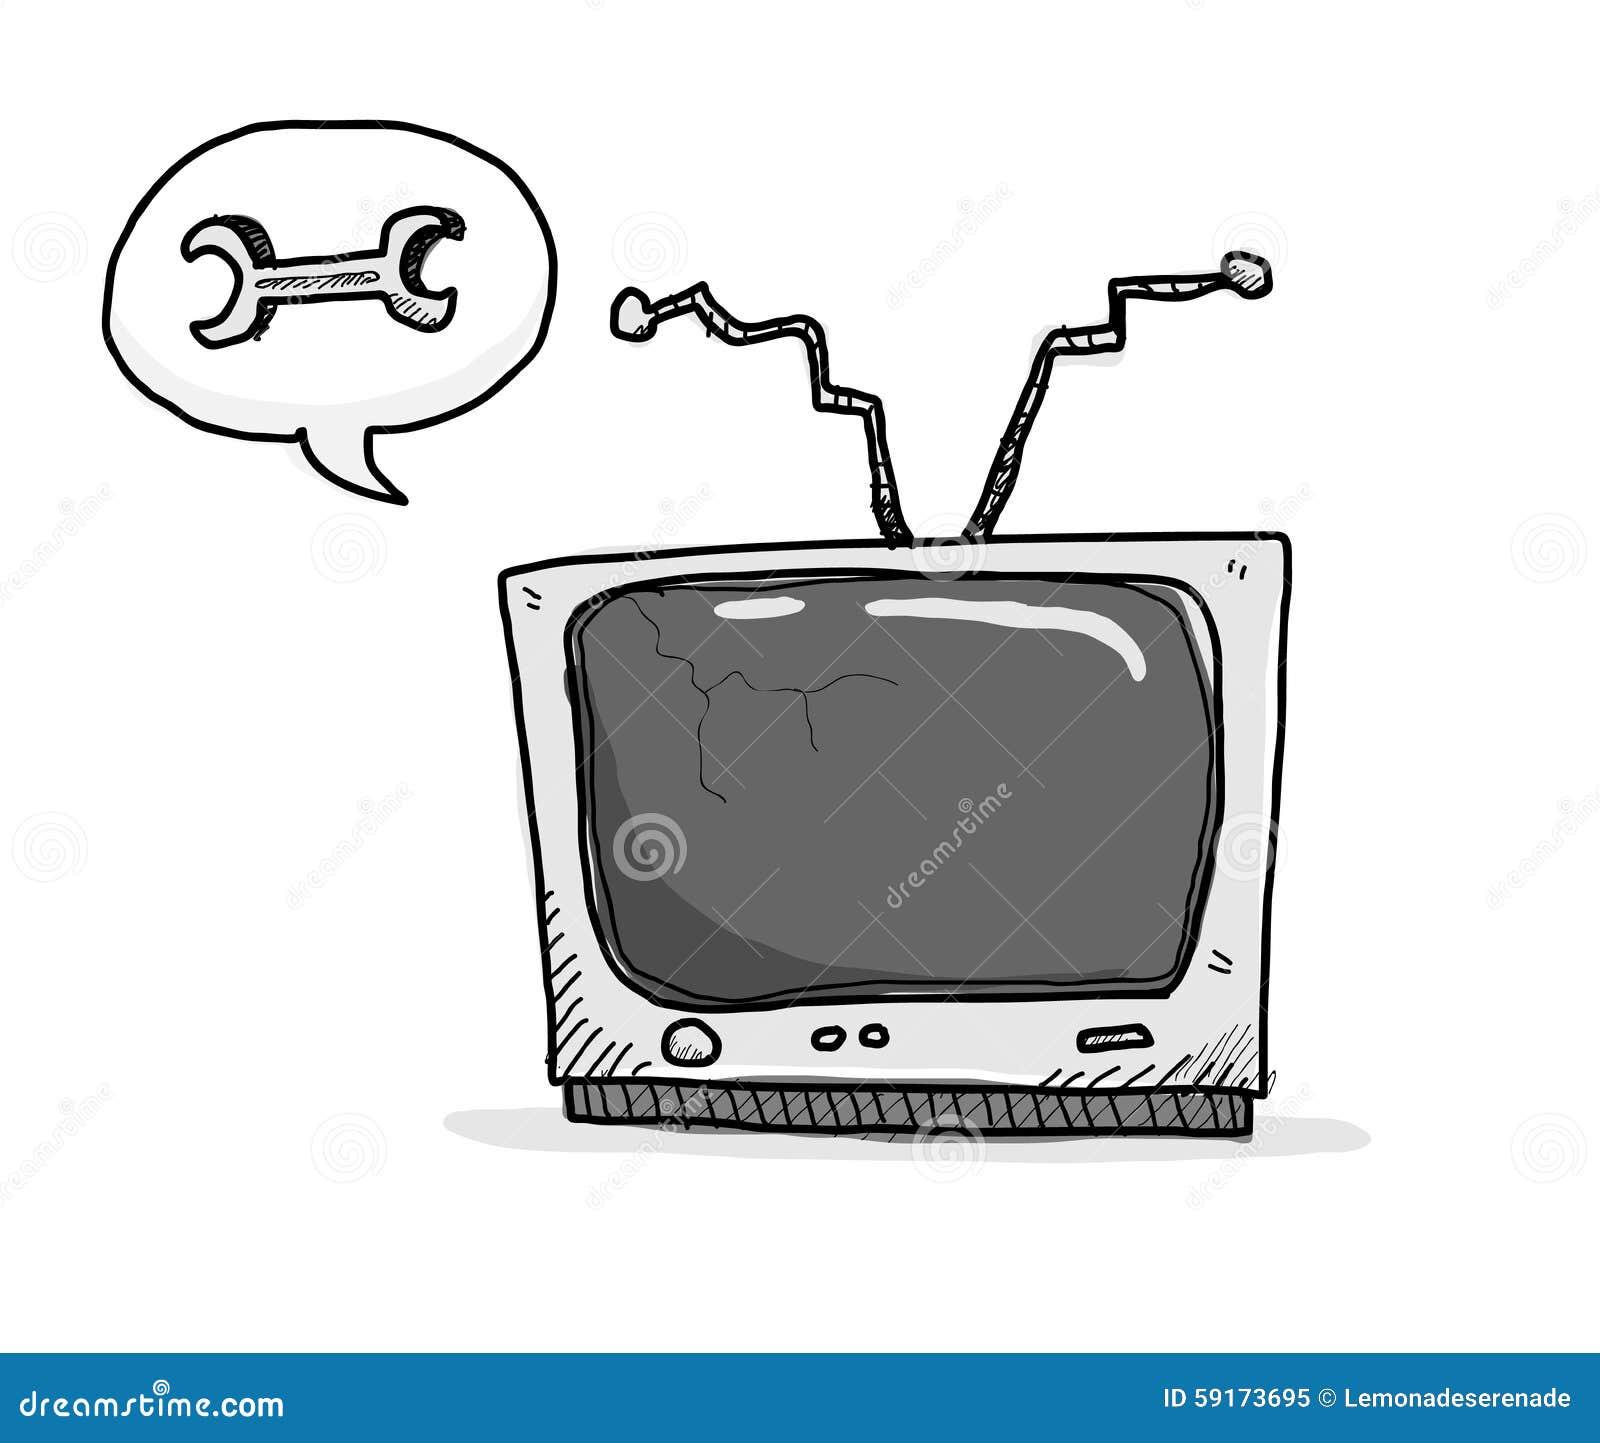 Разбил телевизор смешные картинки, студентке днем рождения